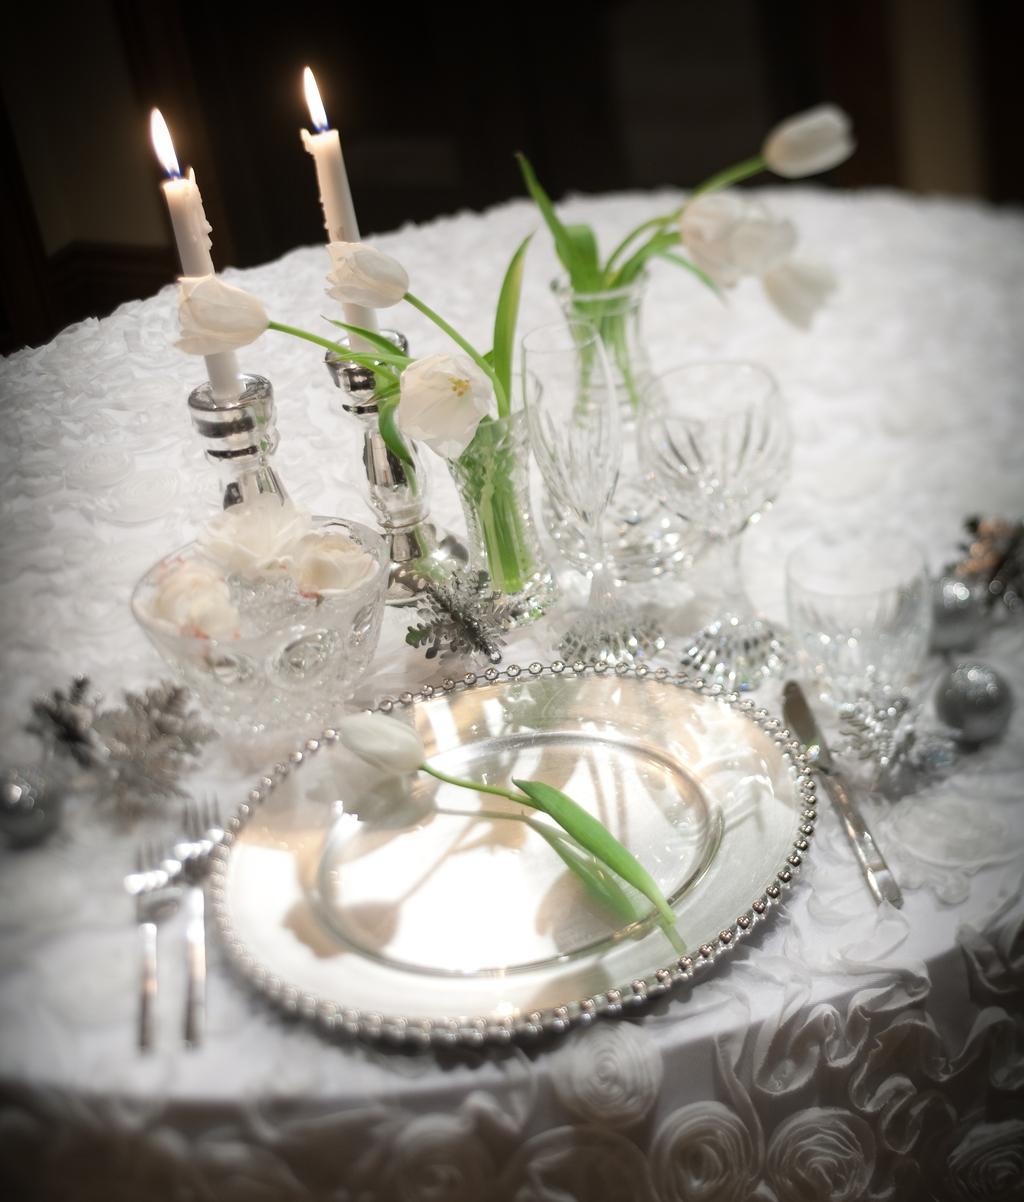 winter-wonderland-wedding-table-decor-white-silver-wedding-color-palette.full.jpg